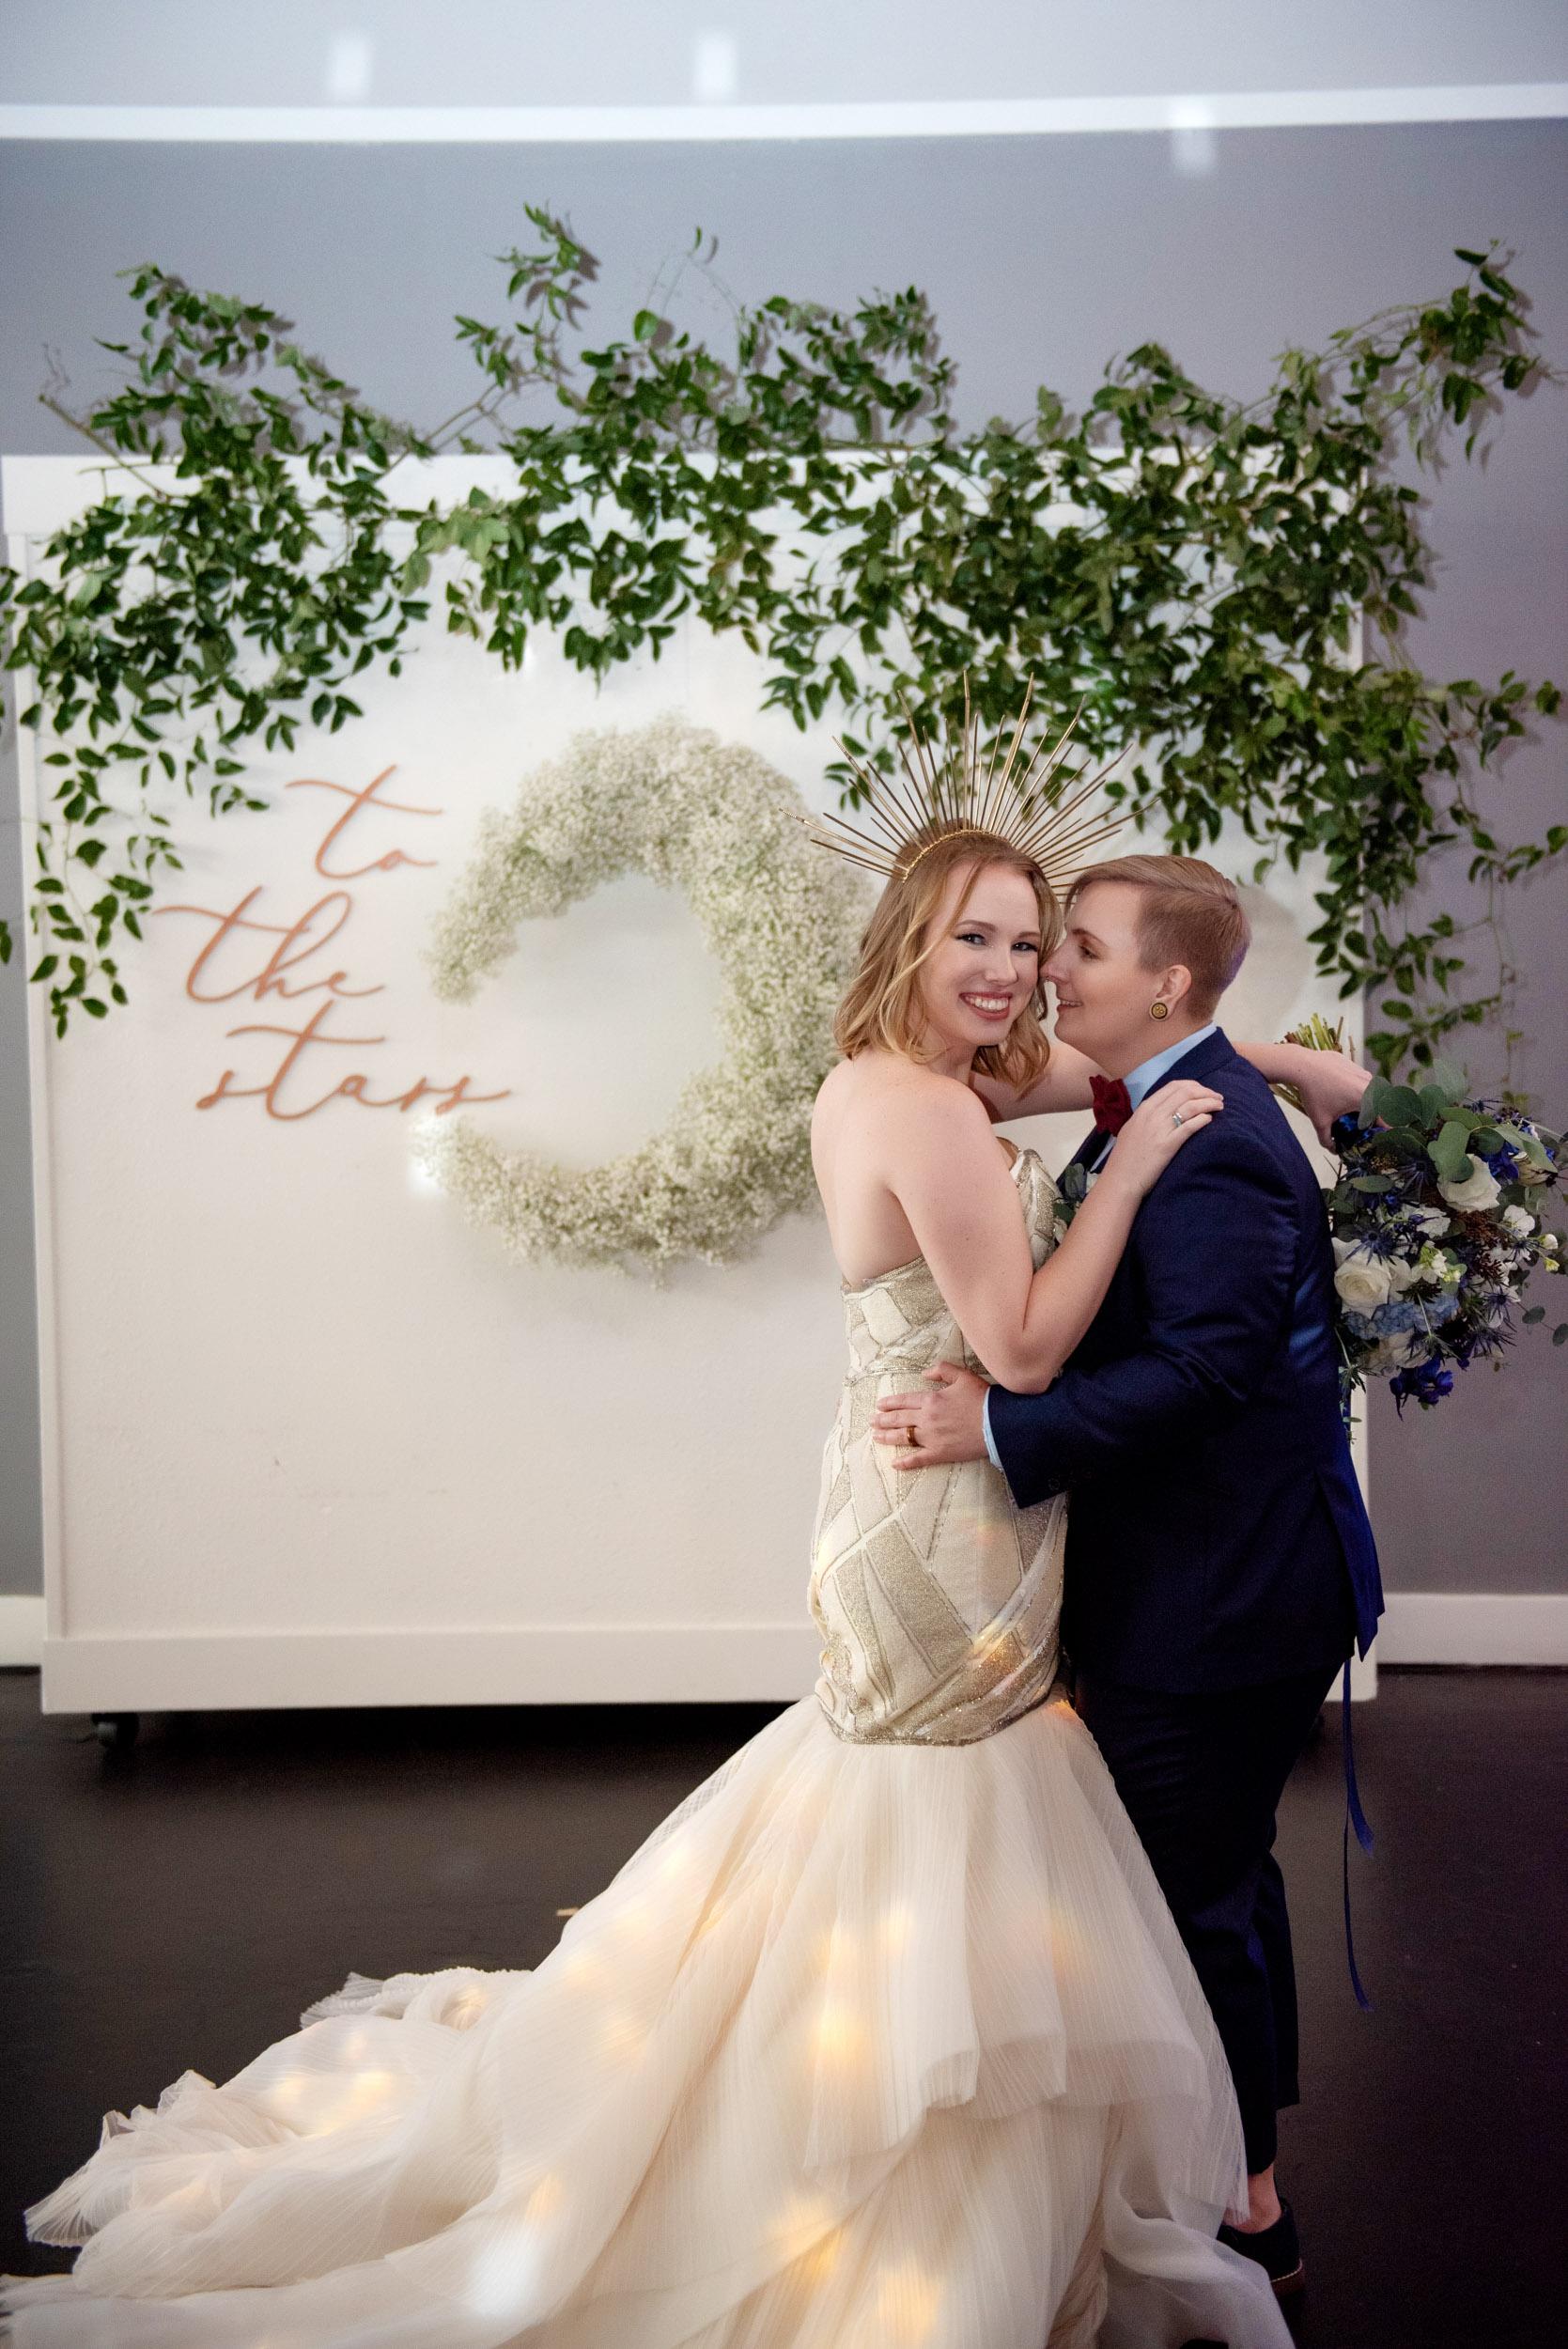 lbgtq wedding, queer wedding, lesbian wedding, bridal gown, brides, bridal bouquet, blue bridal bouquet, elegant romantic, celestial wedding